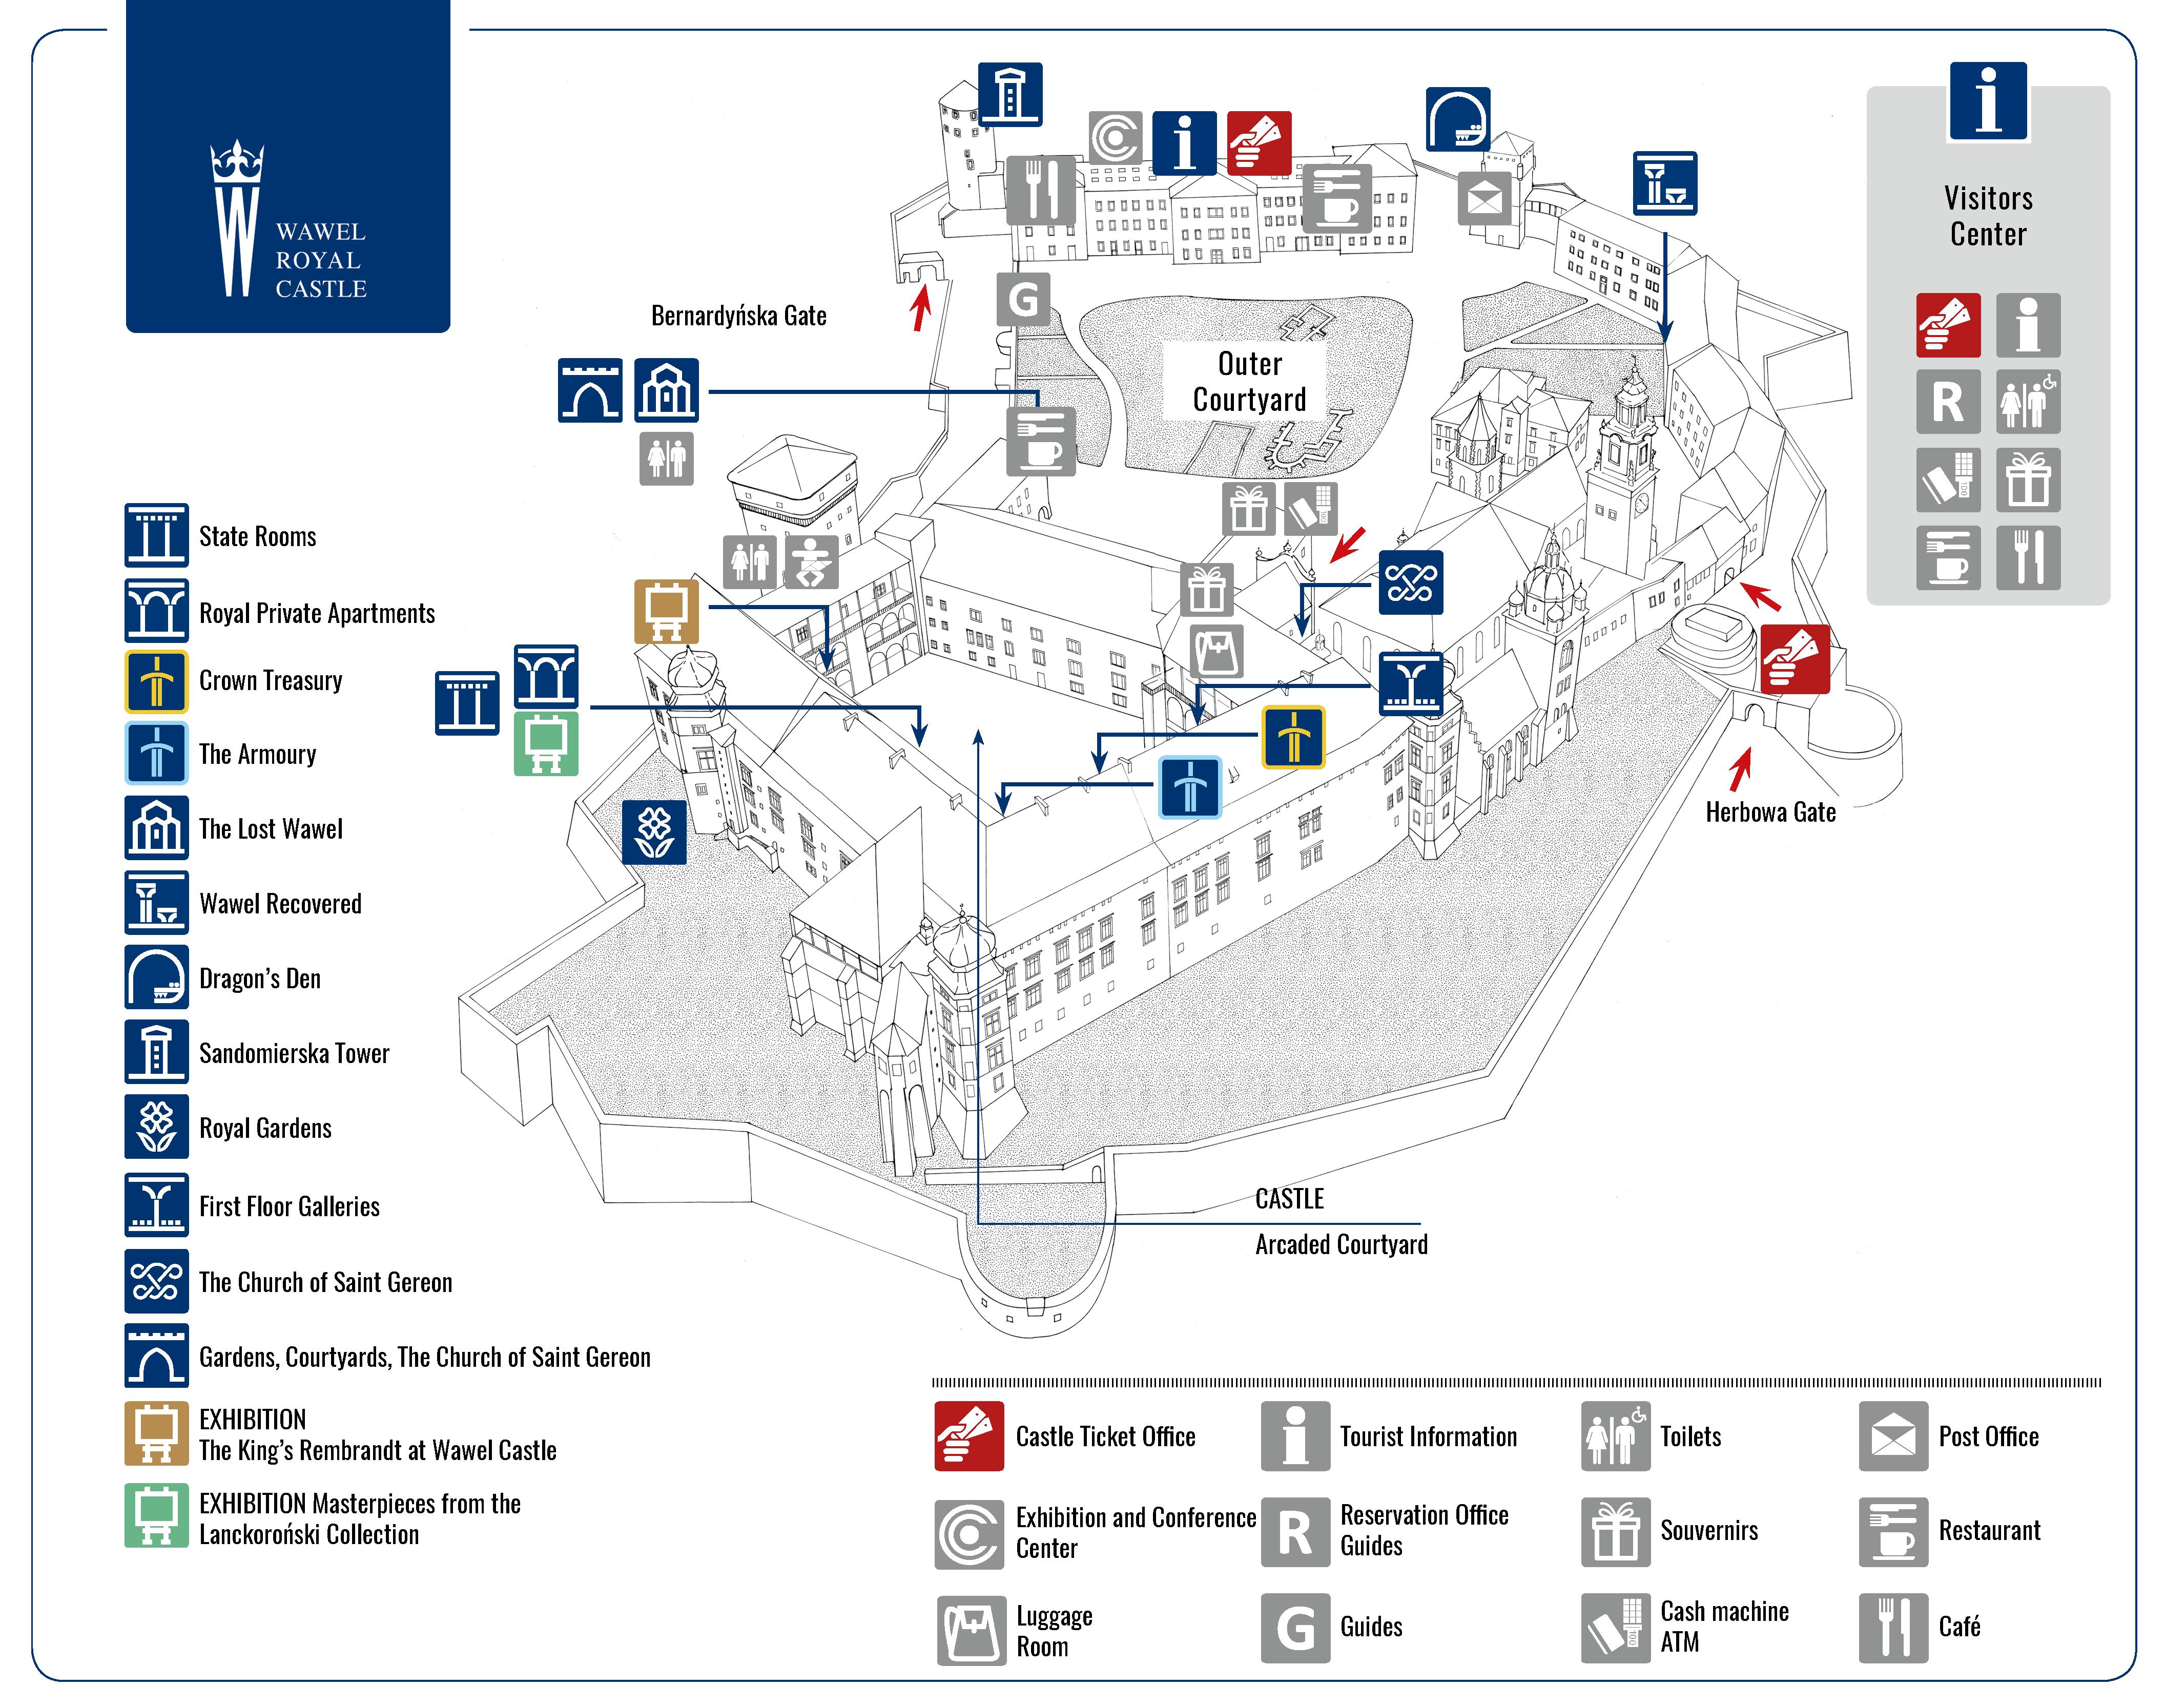 Wawel Royal Castle Map Of The Wawel Hill